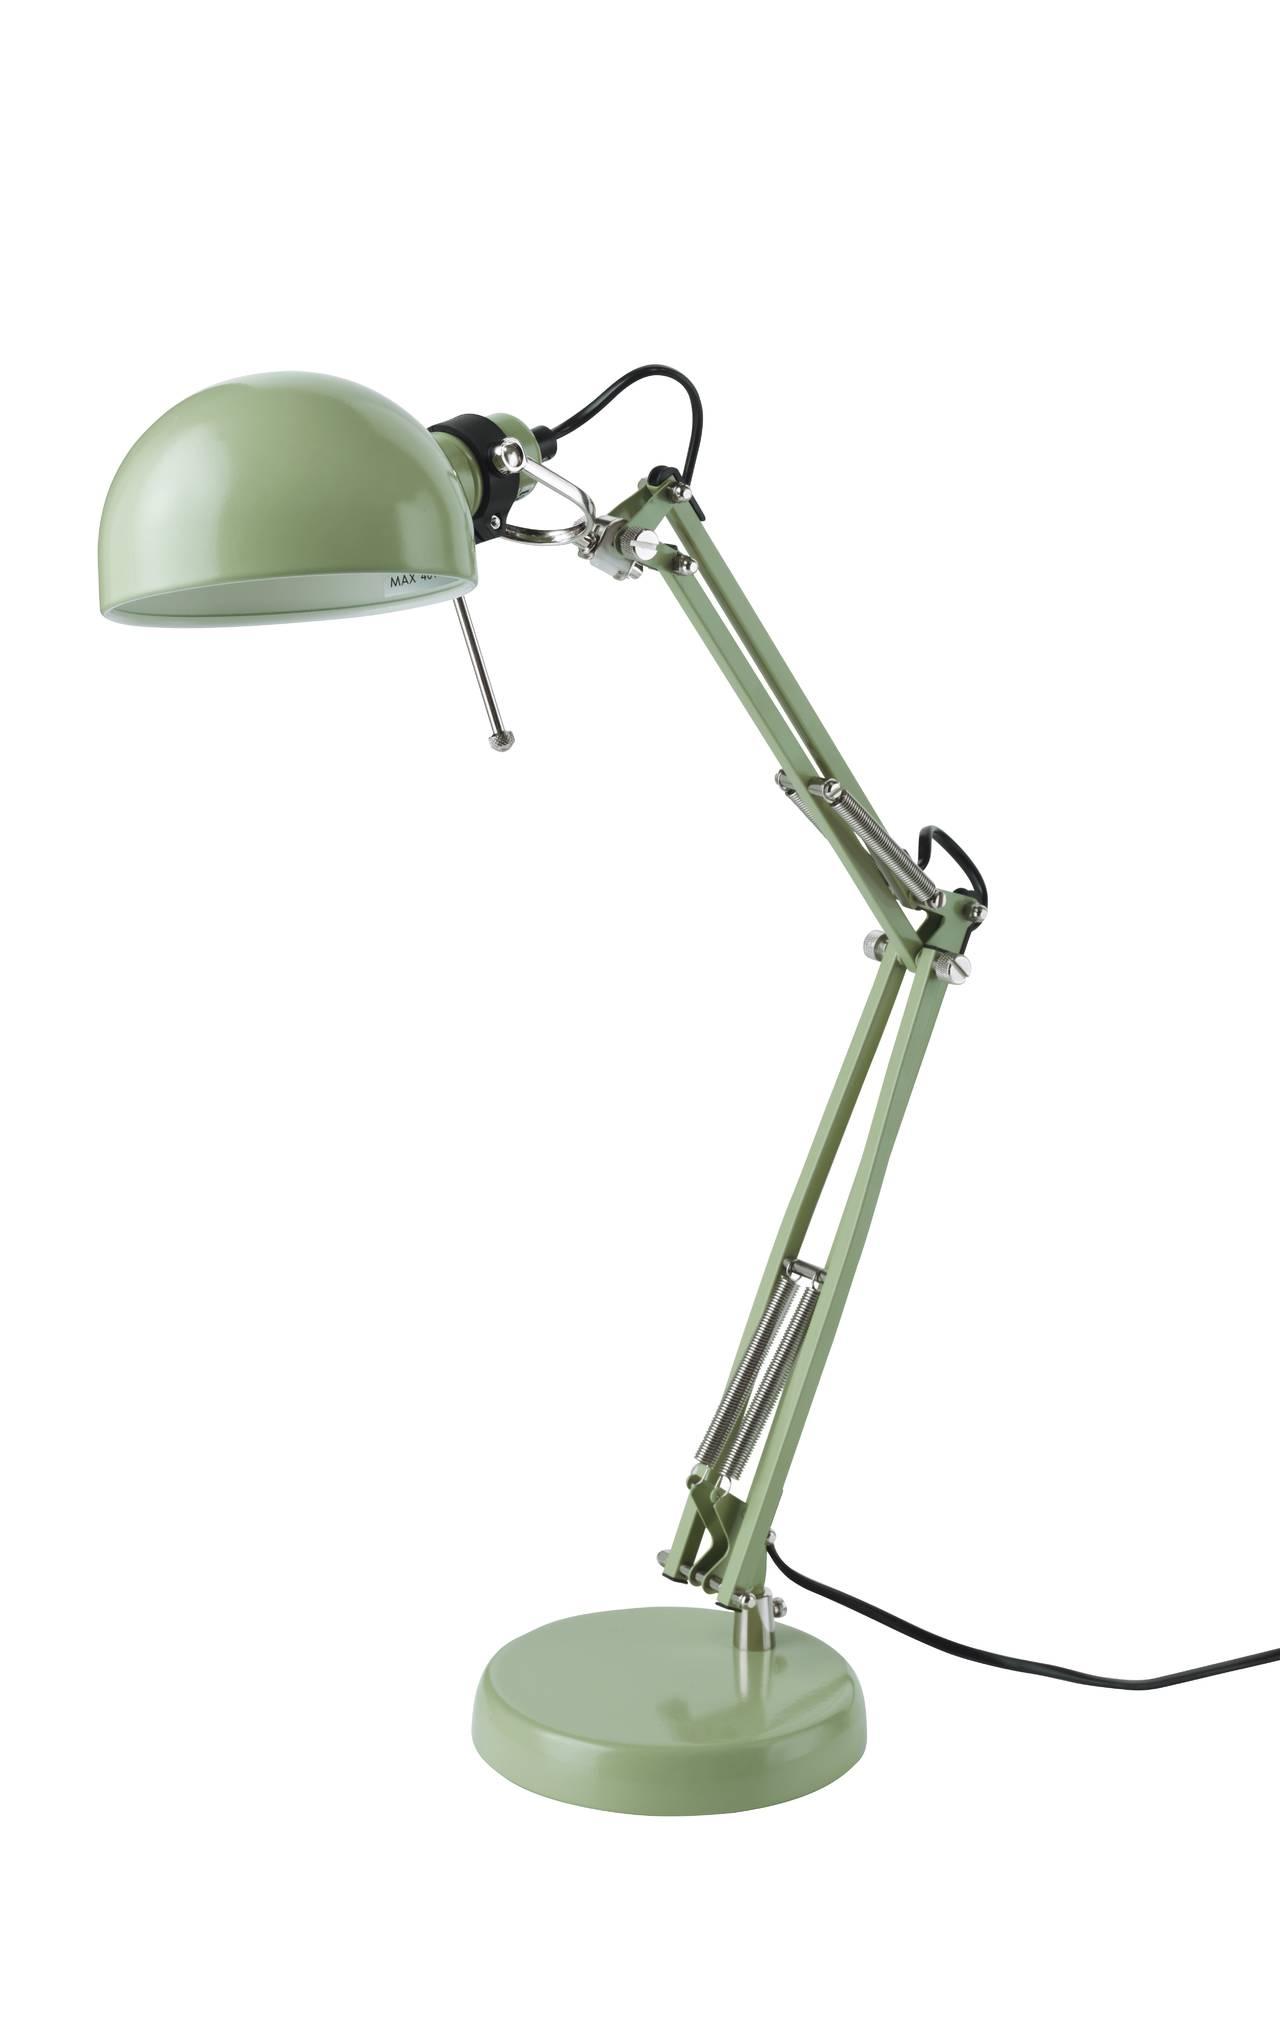 Greenery il verde il colore dell 39 anno - Ikea lampada tavolo ...